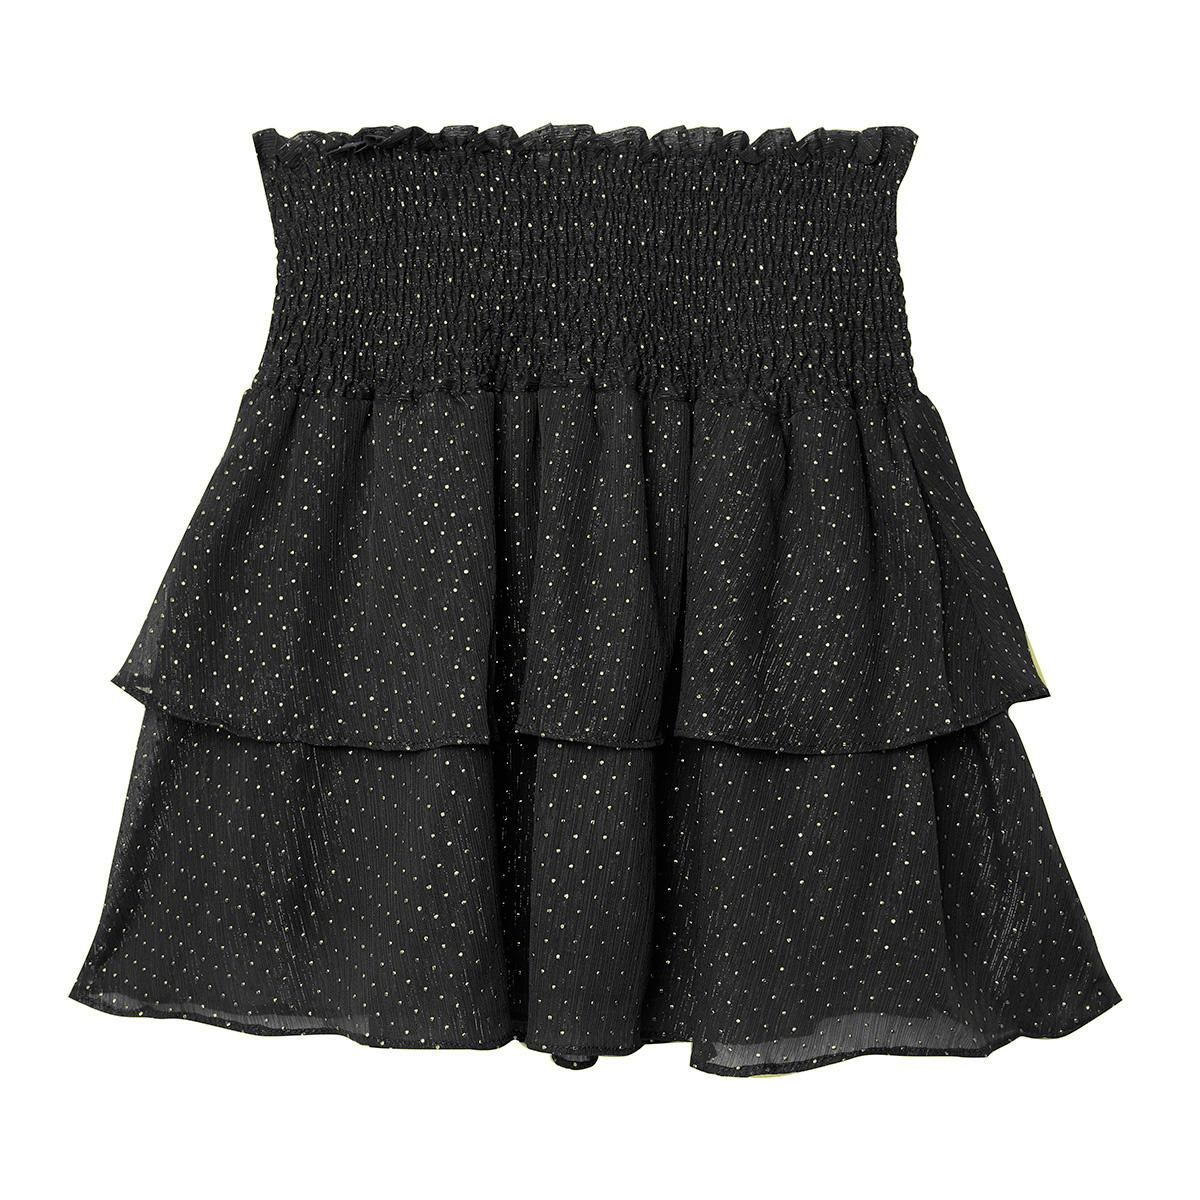 Joboly Skirt with golden dots